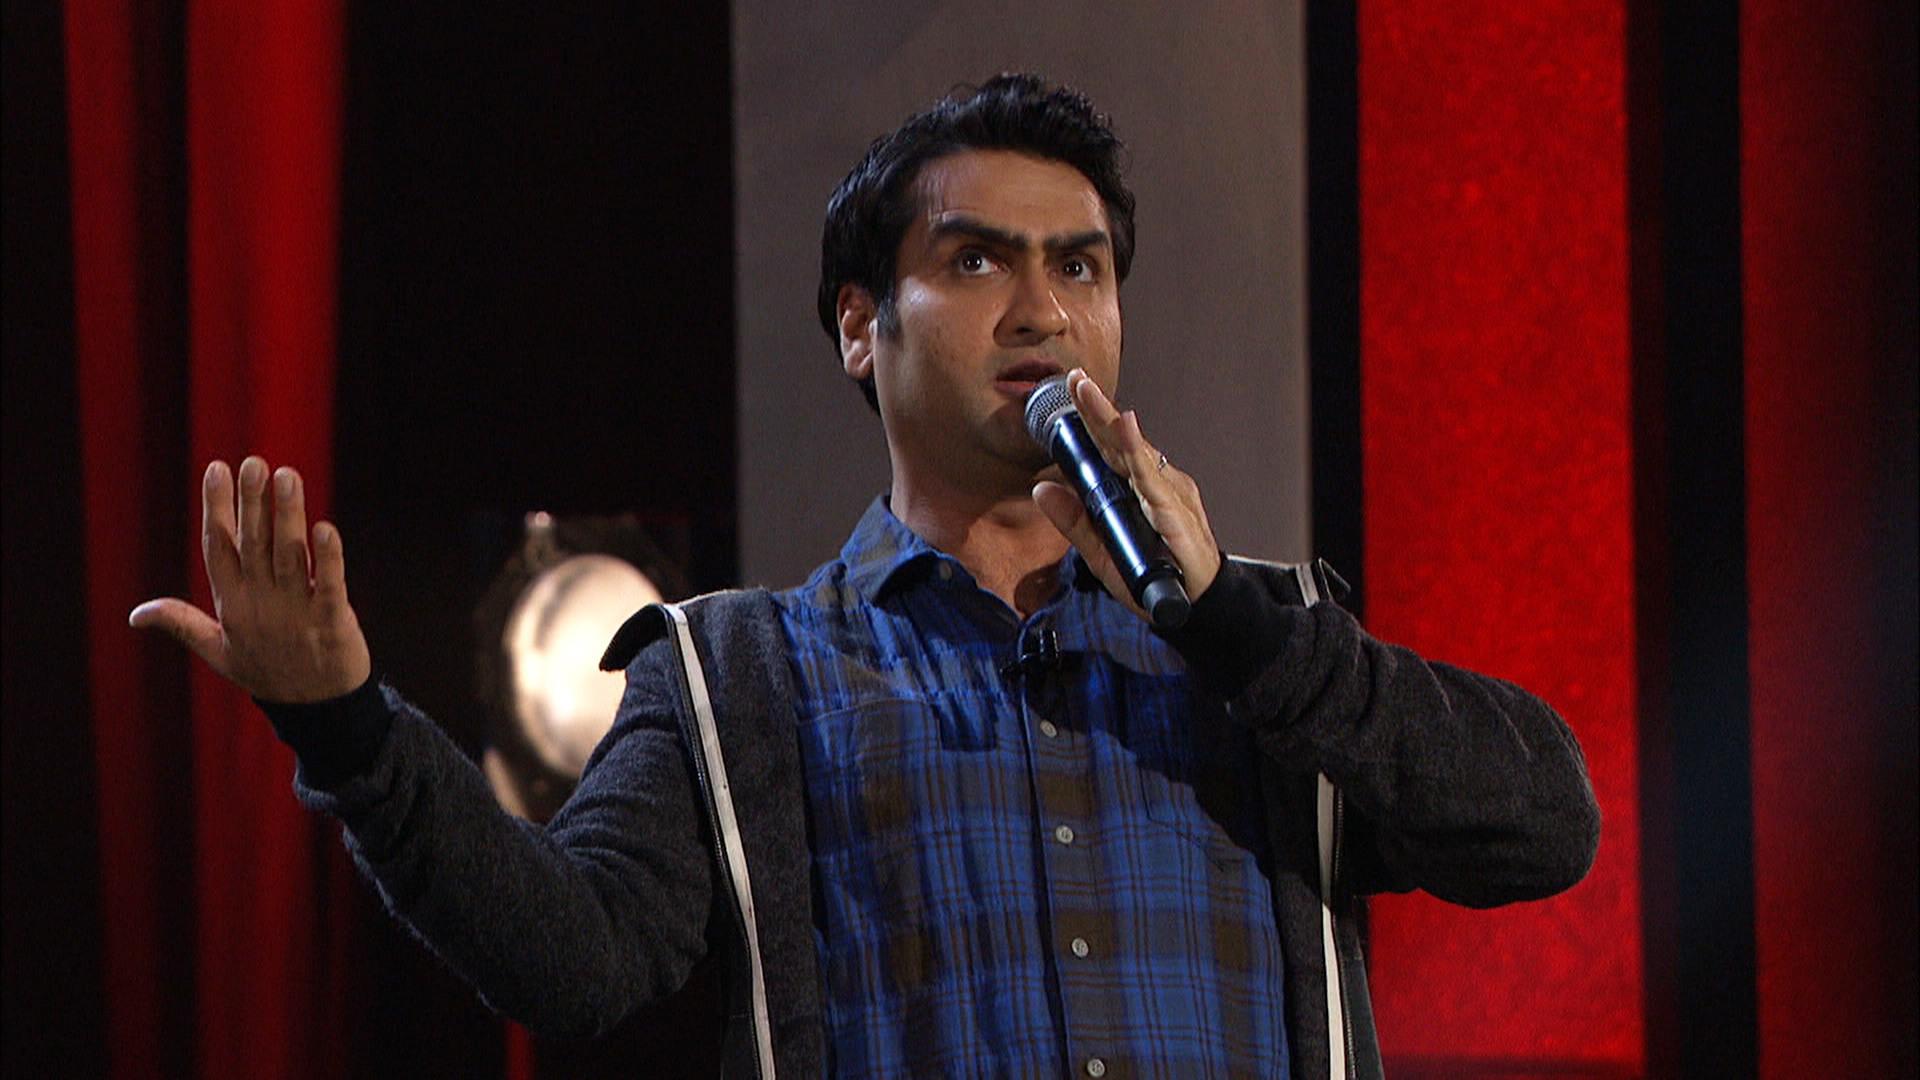 Uncensored - Kumail Nanjiani - Pakistani Birthday Entertainment Pt. 1